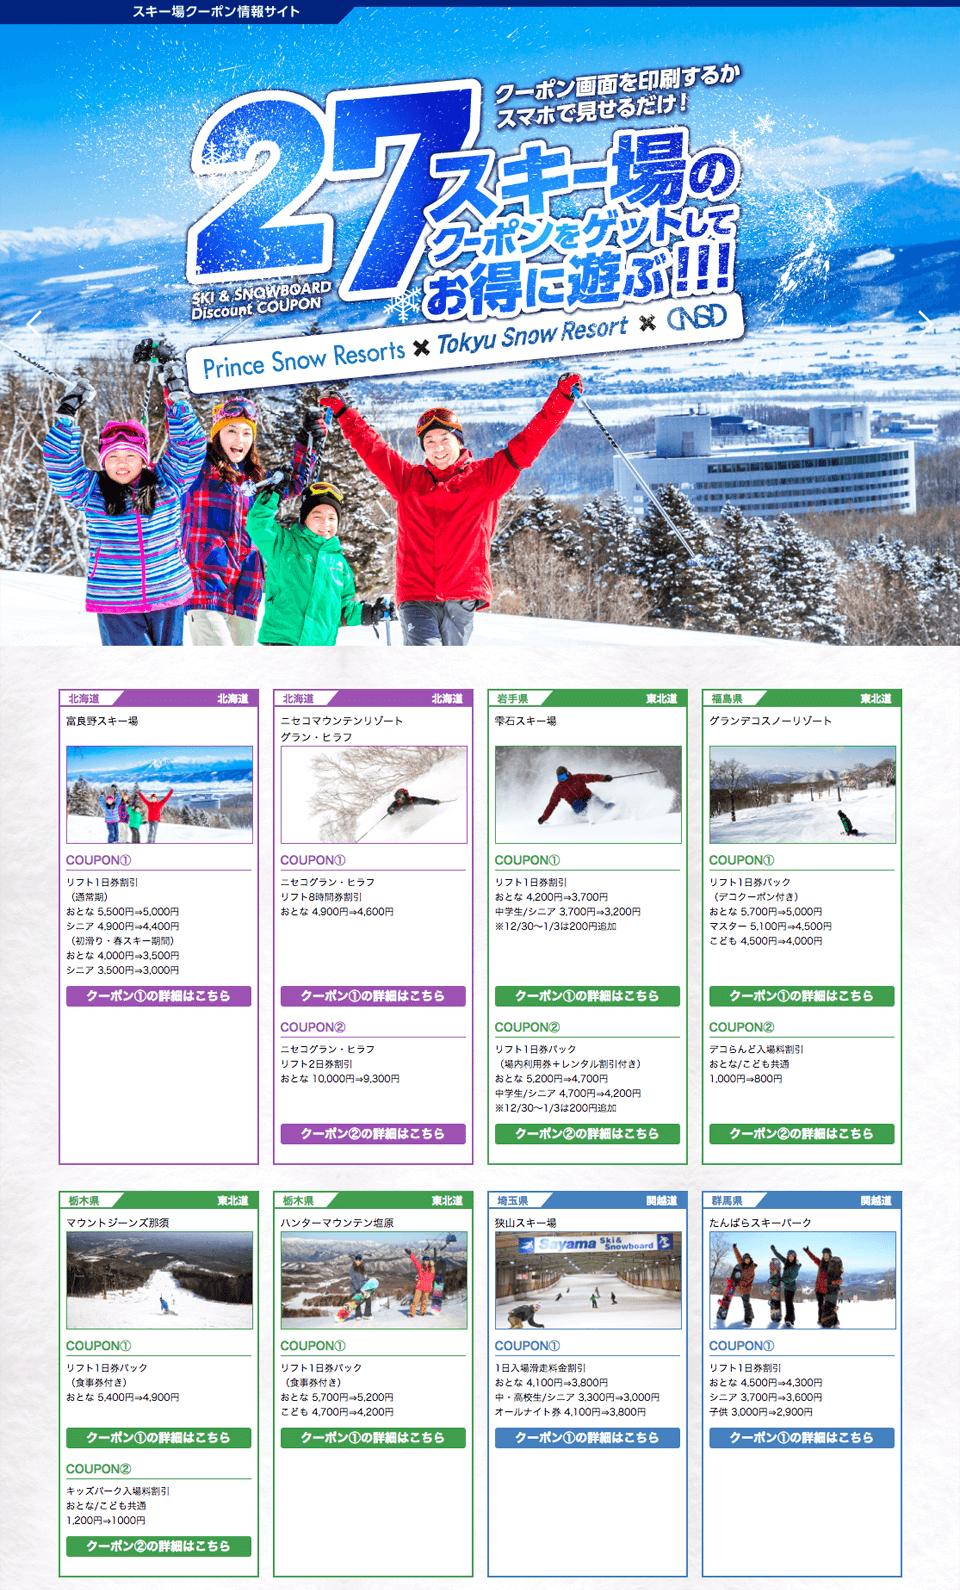 プリンススノーリゾート × 東急スノーリゾート × NSD スキー場クーポン情報サイト